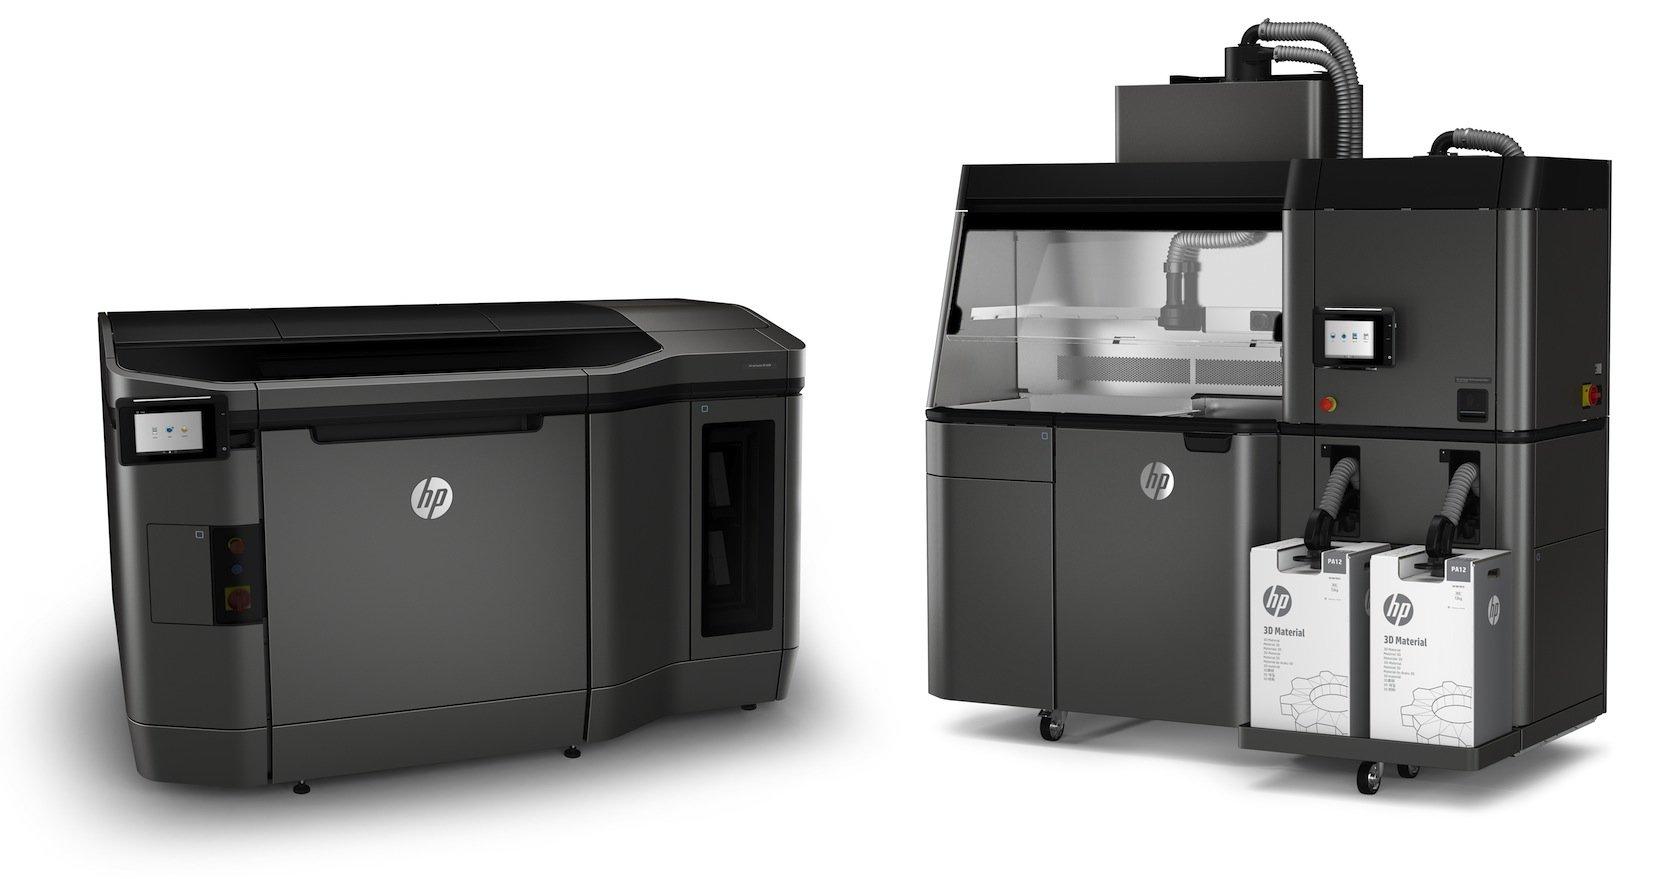 Das neue 3D-Drucksystem von Hewlett Packard.